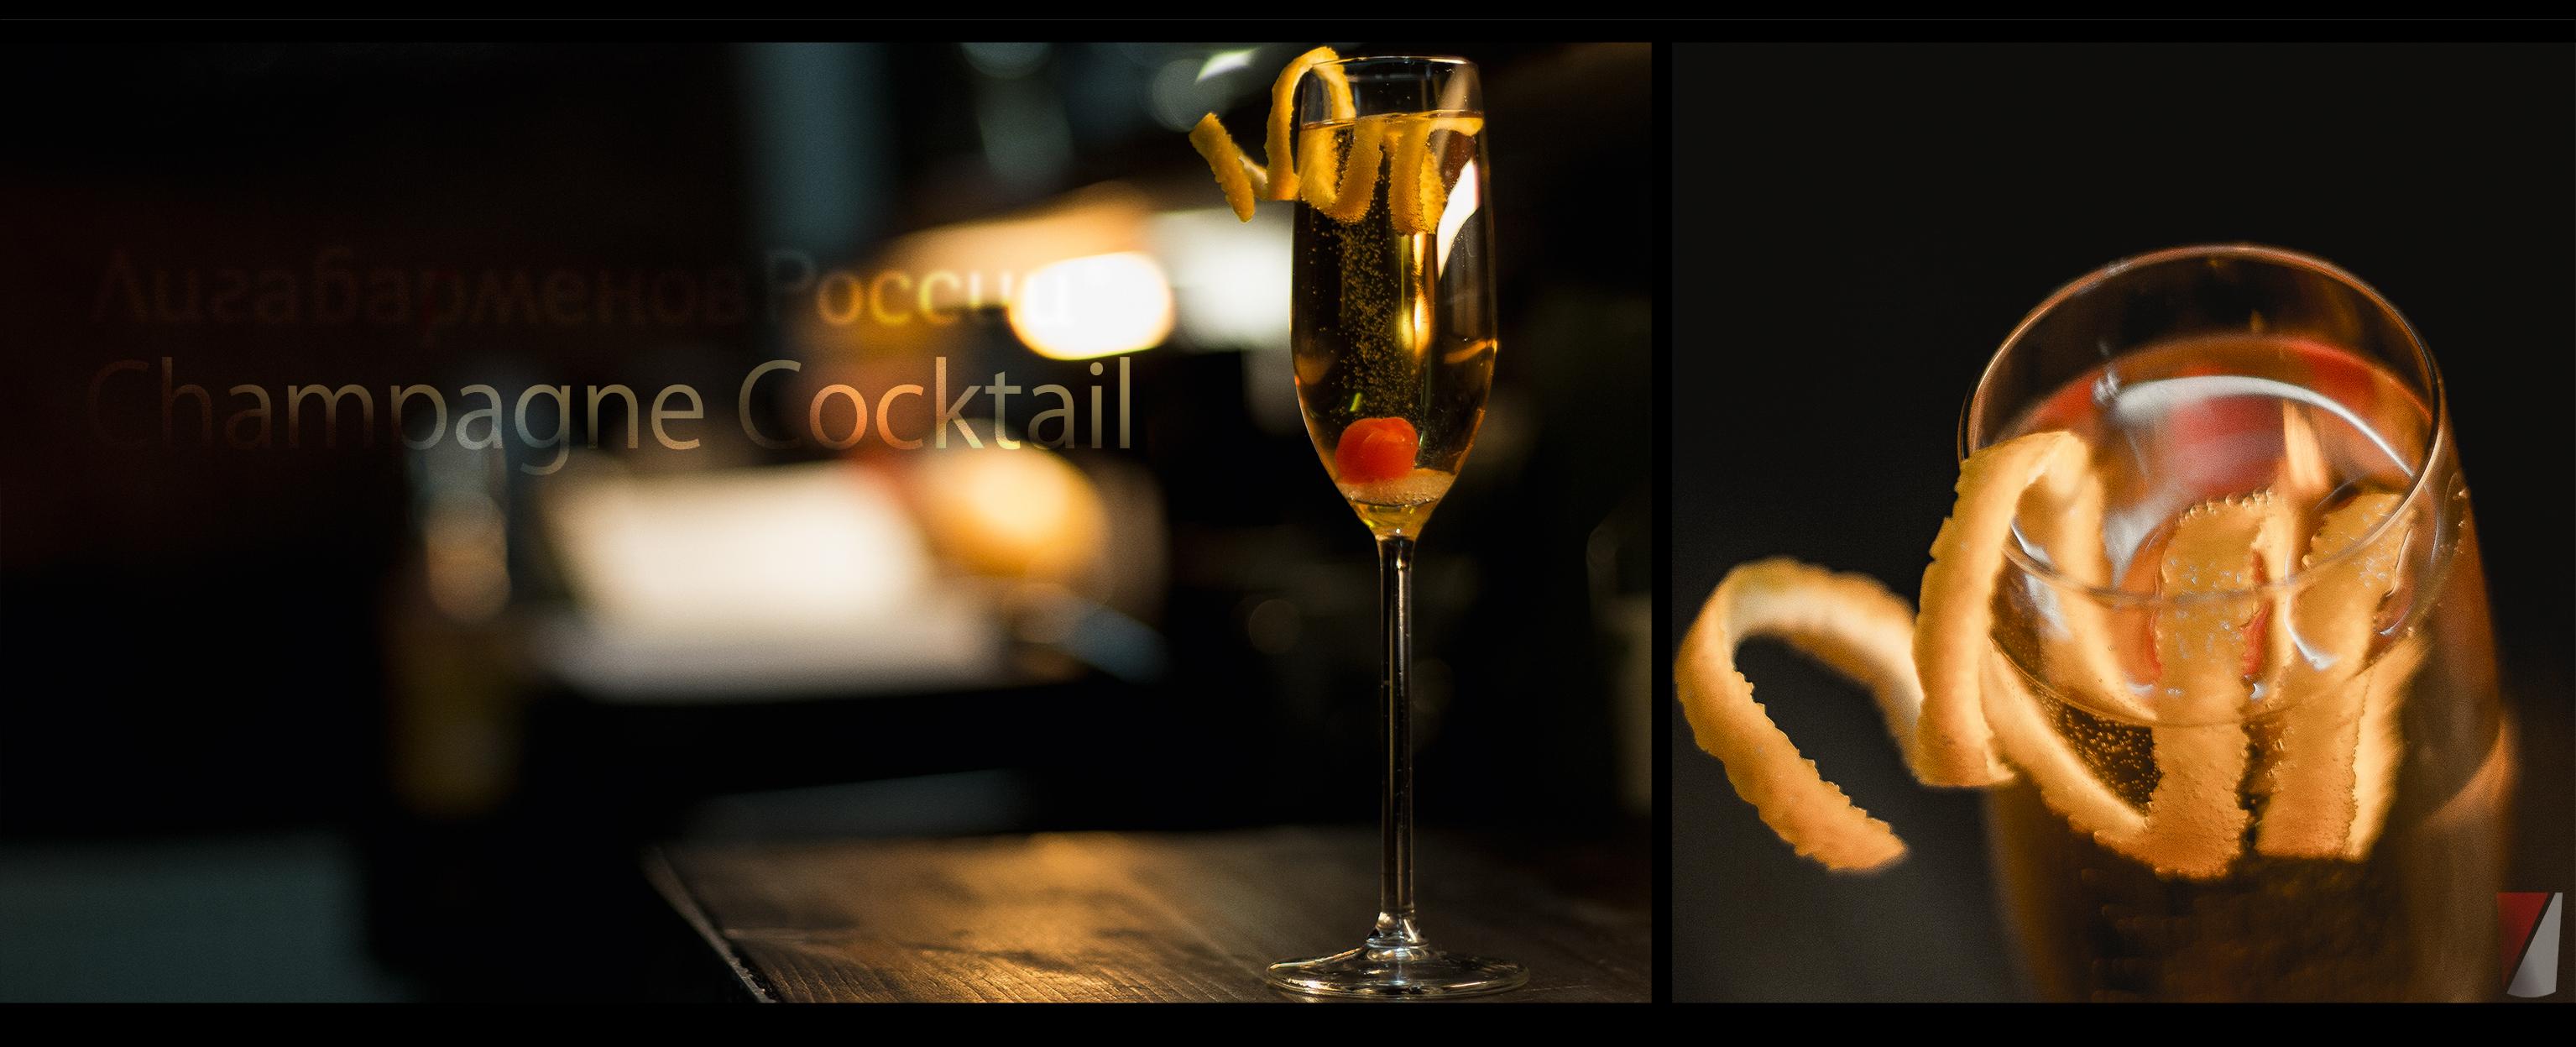 Рецепт коктейля Champagne-Cocktail